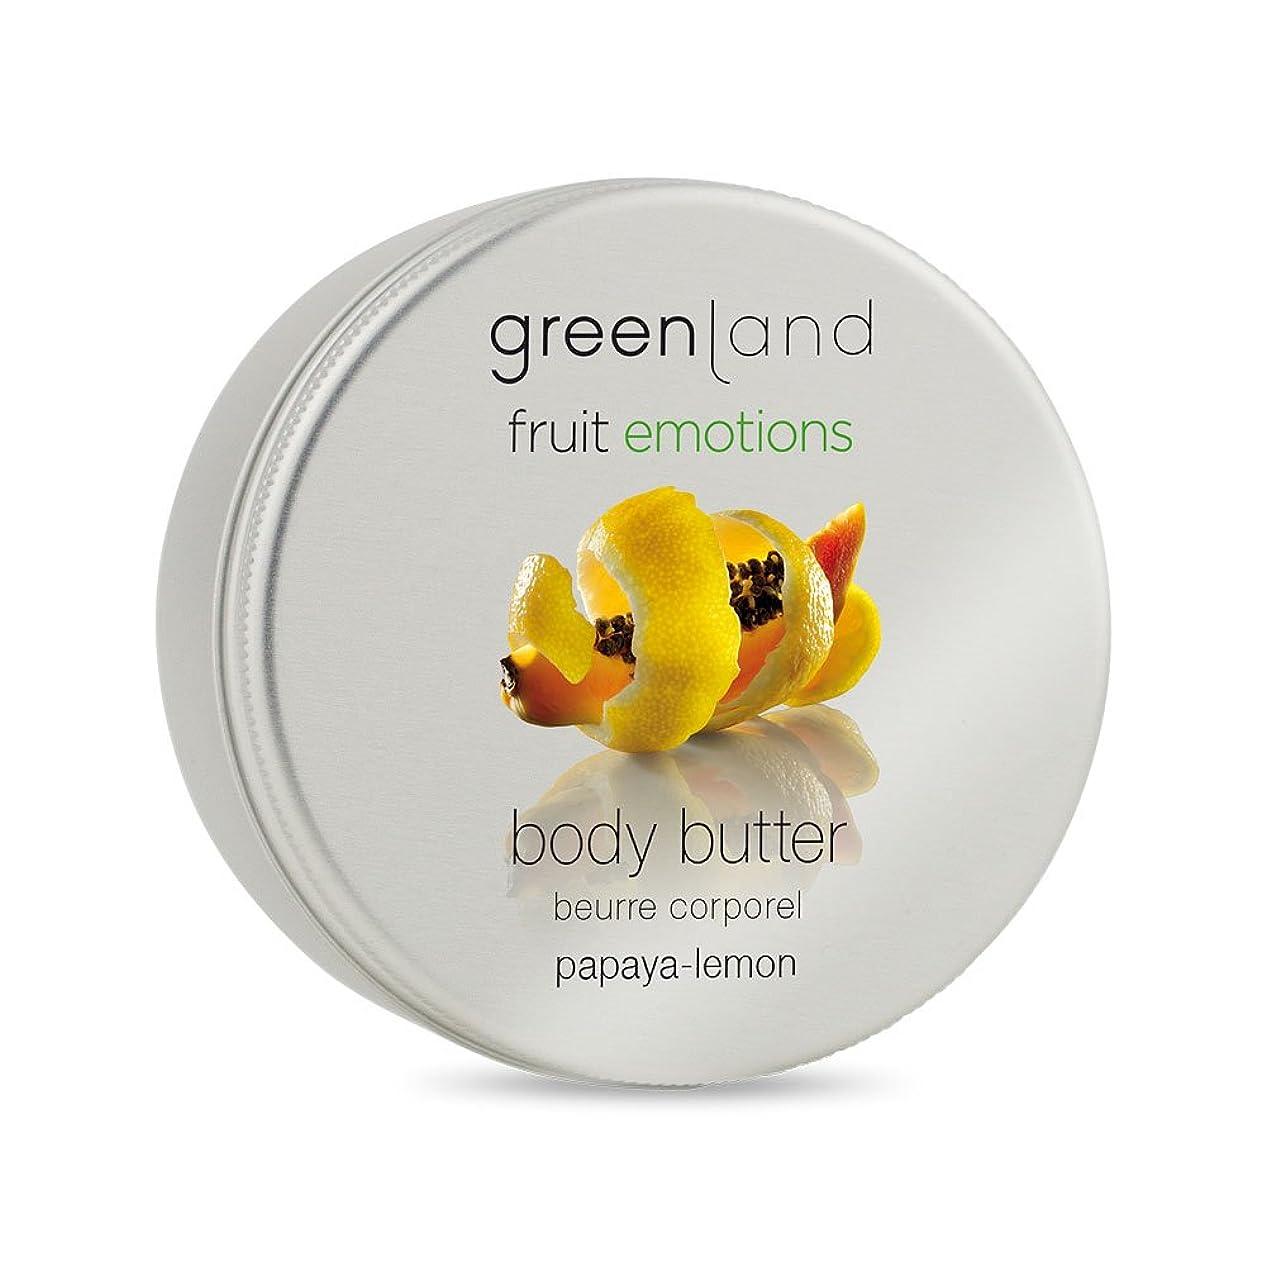 本会議無視する暴力的なgreenland [FruitEmotions] ボディバター 120ml パパイア&レモン FE0431